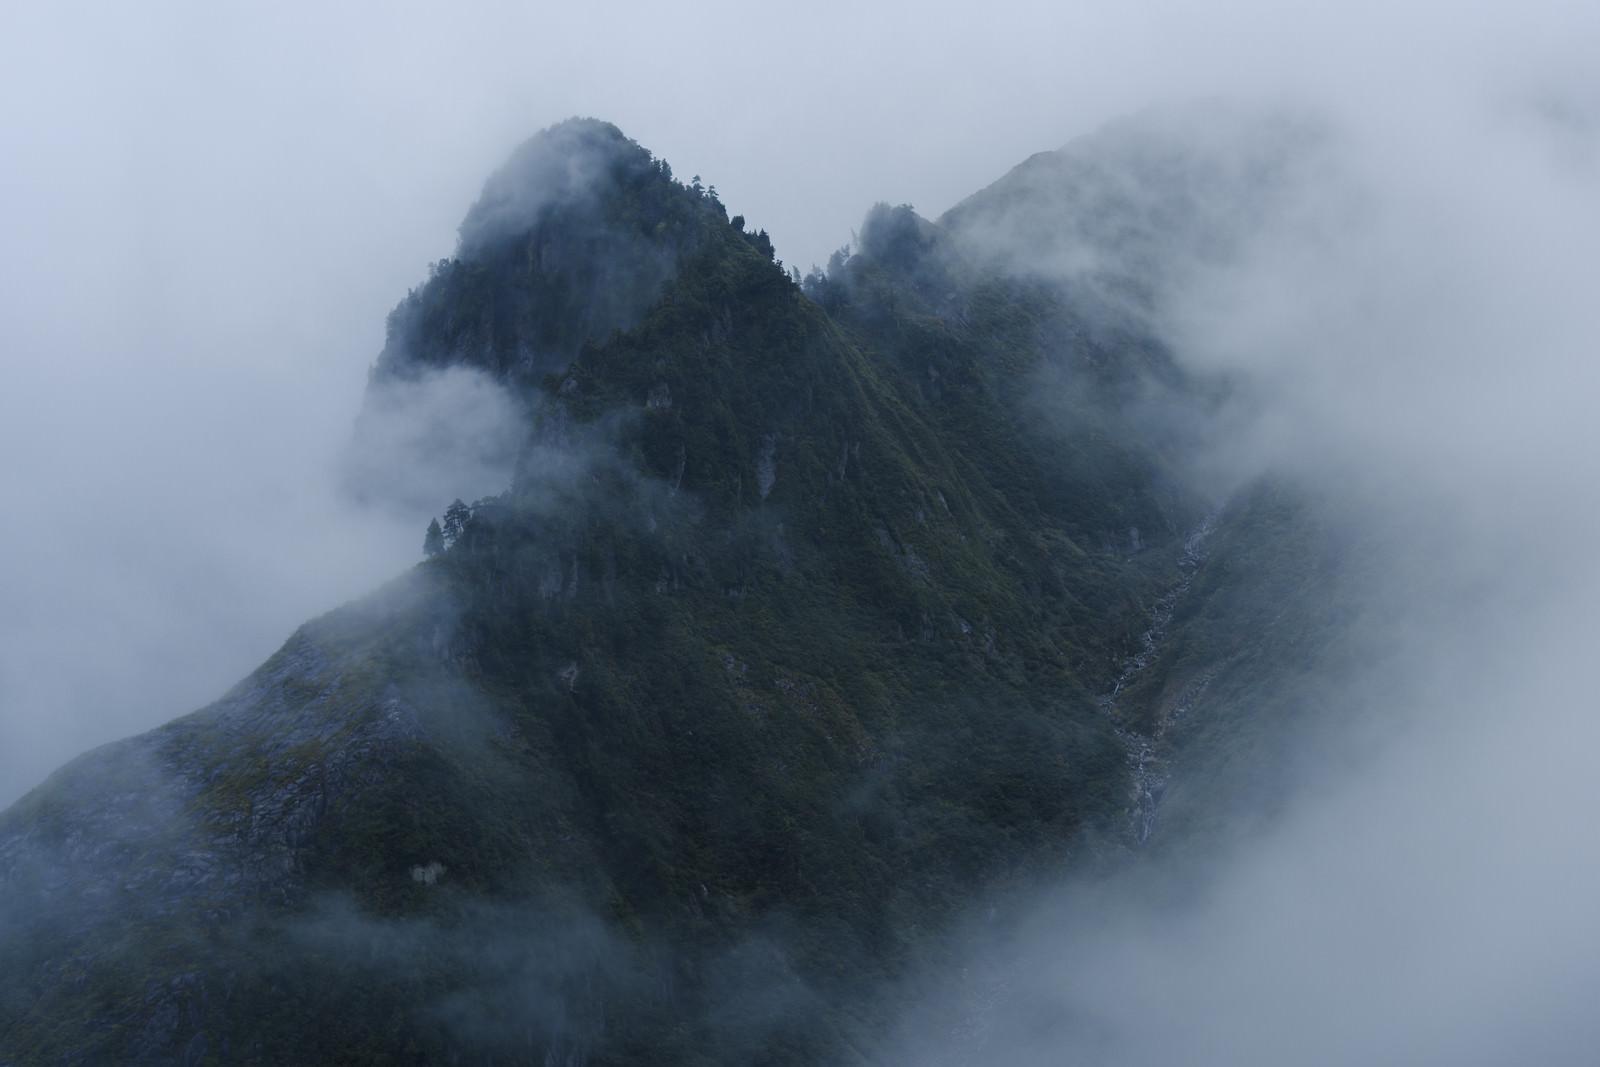 「雲の中から浮かび上がる天狗岩(巻機山)」の写真